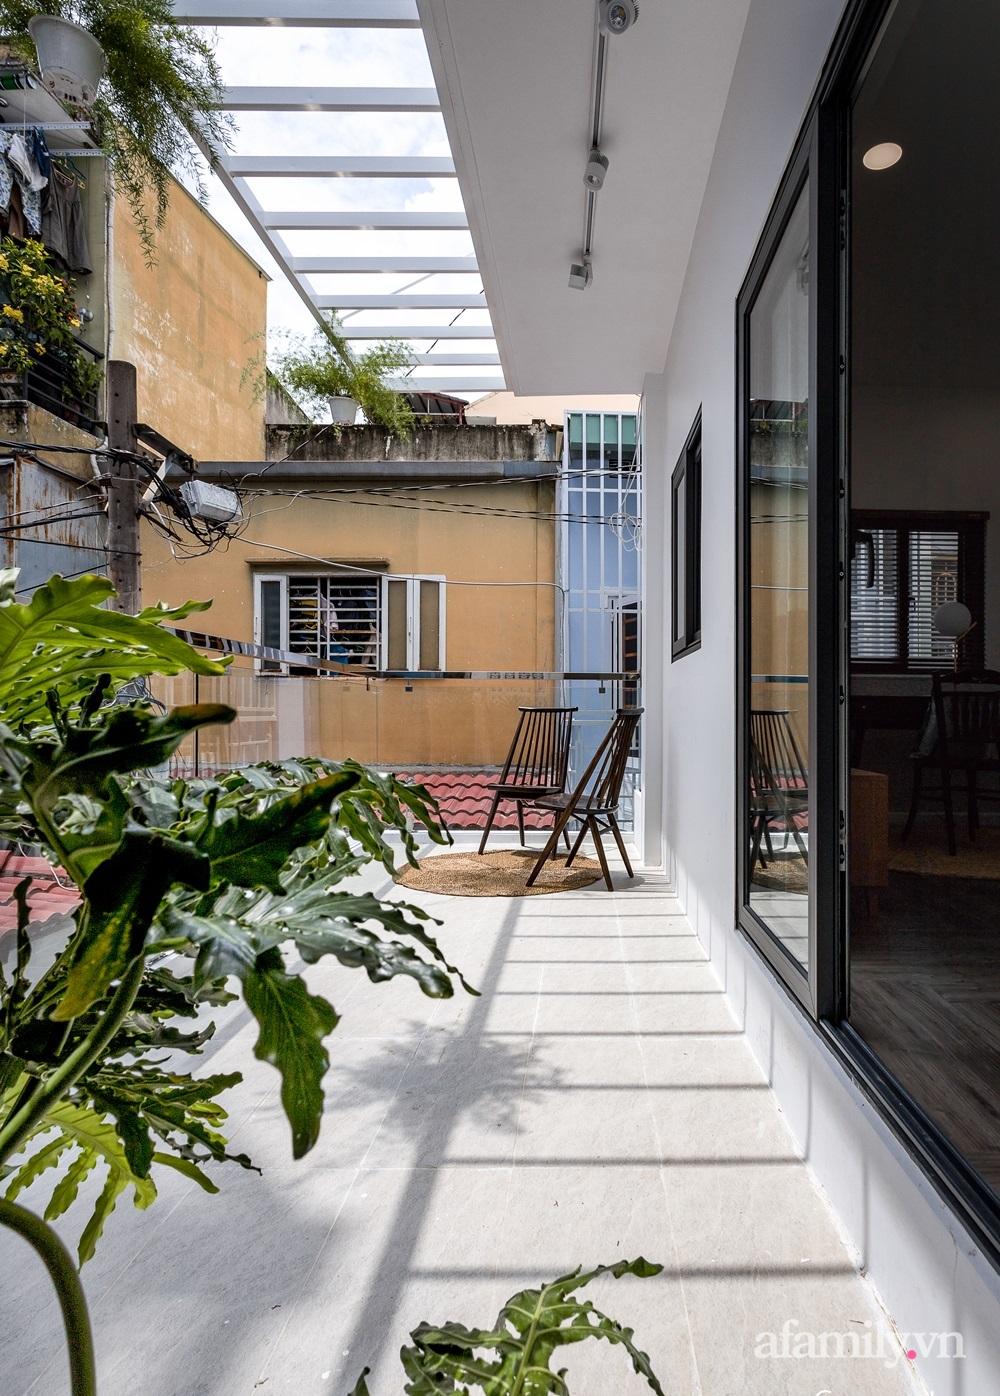 Căn nhà phố cũ kỹ rộng 80m² được cải tạo đẹp tiện nghi với gam màu sáng có chi phí 650 triệu đồng - Ảnh 16.